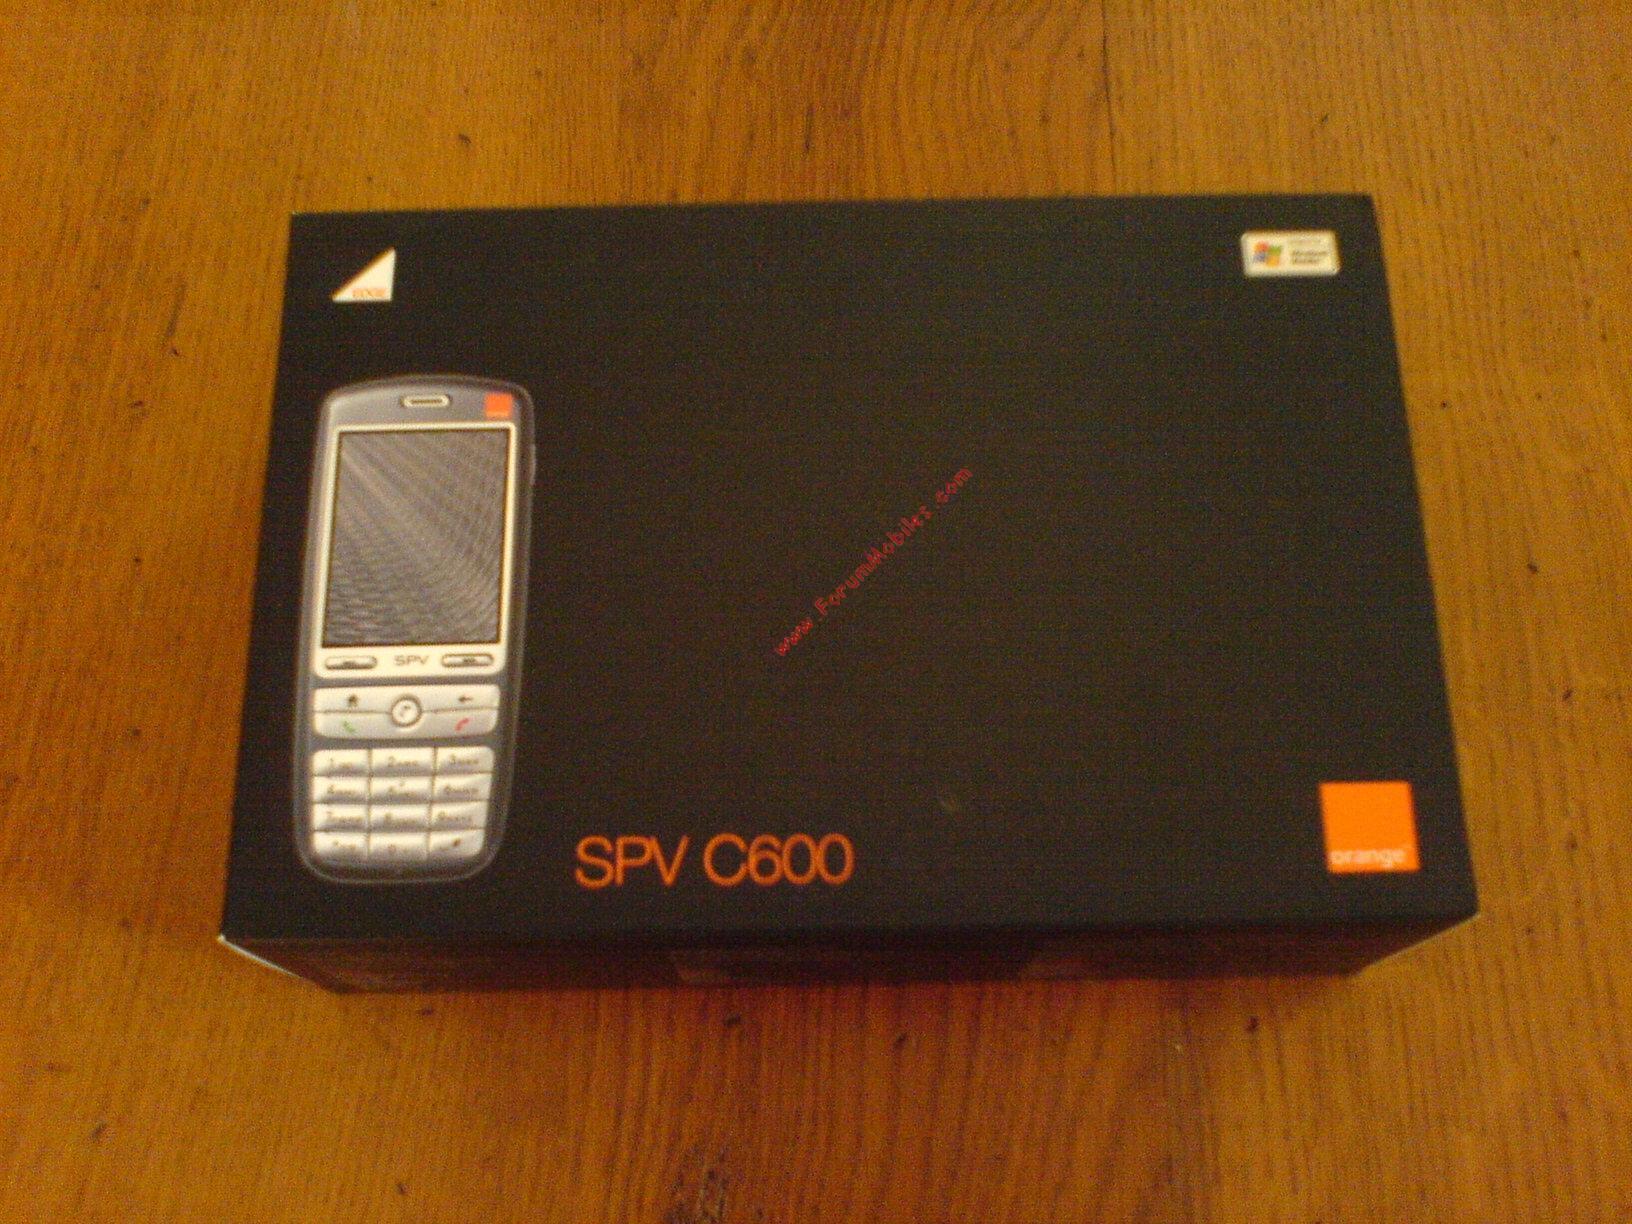 jeux spv c600